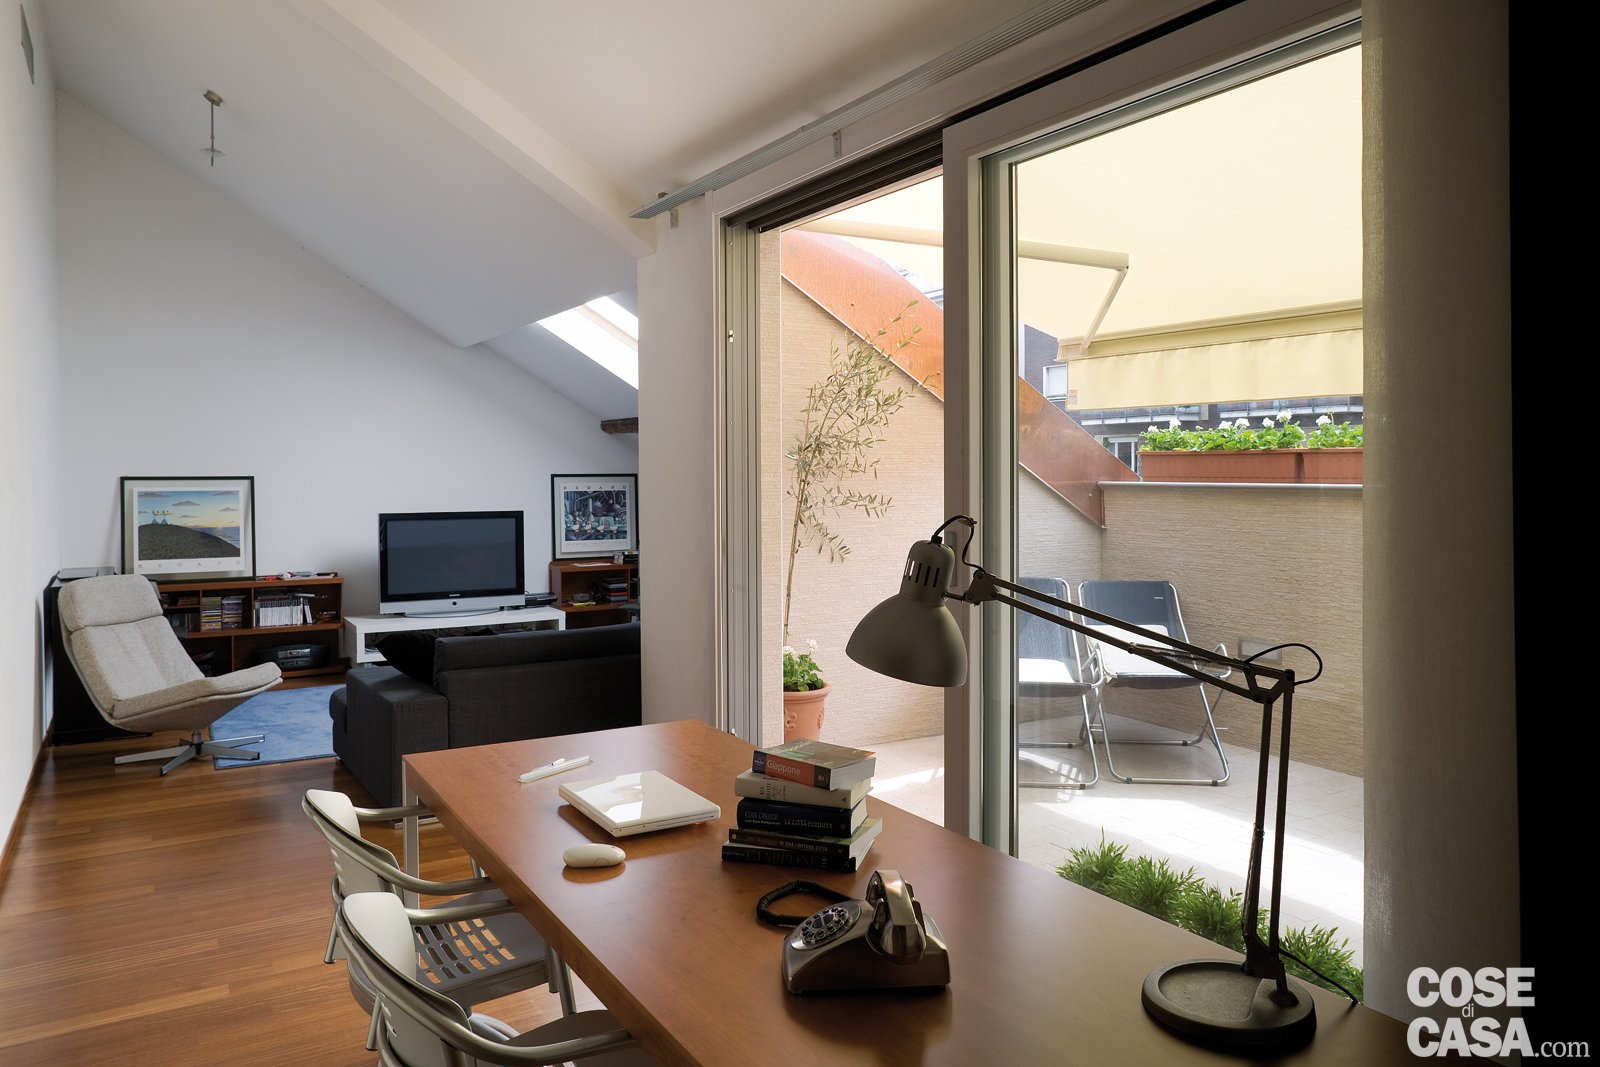 Costruire un balcone nel tetto cose di casa - Chiudere una finestra di casa ...